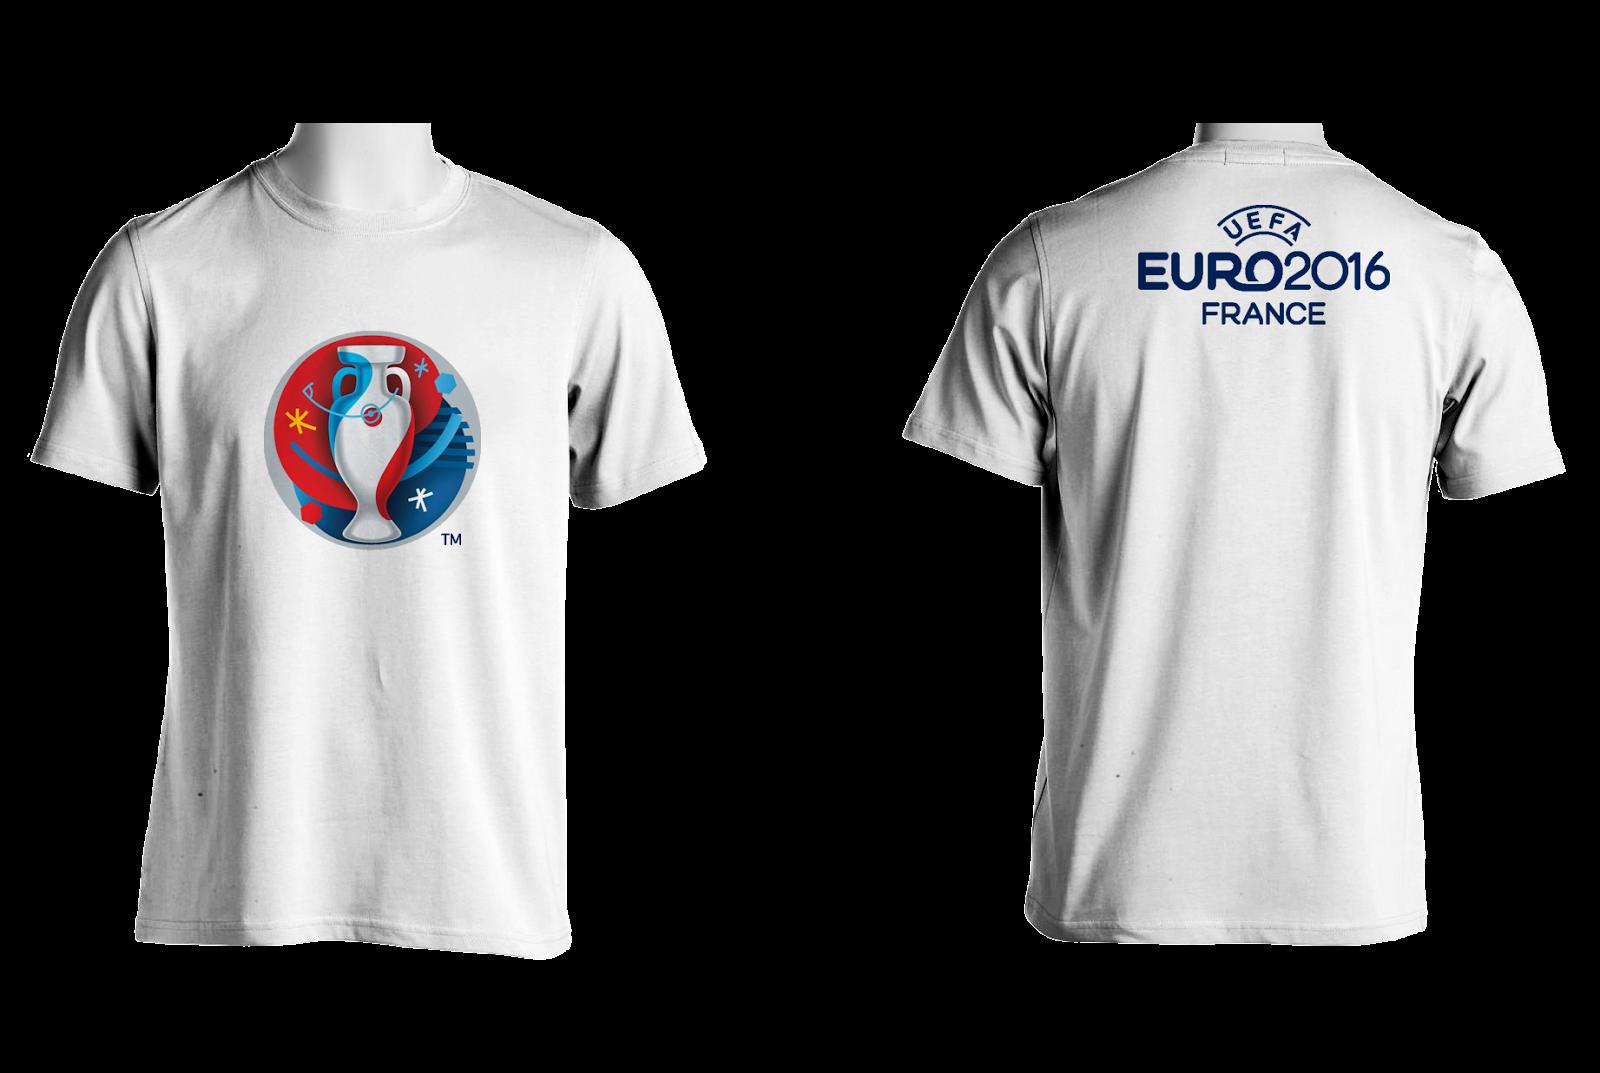 Desain t shirt jkt48 - Euro 2016 T Shirt Design